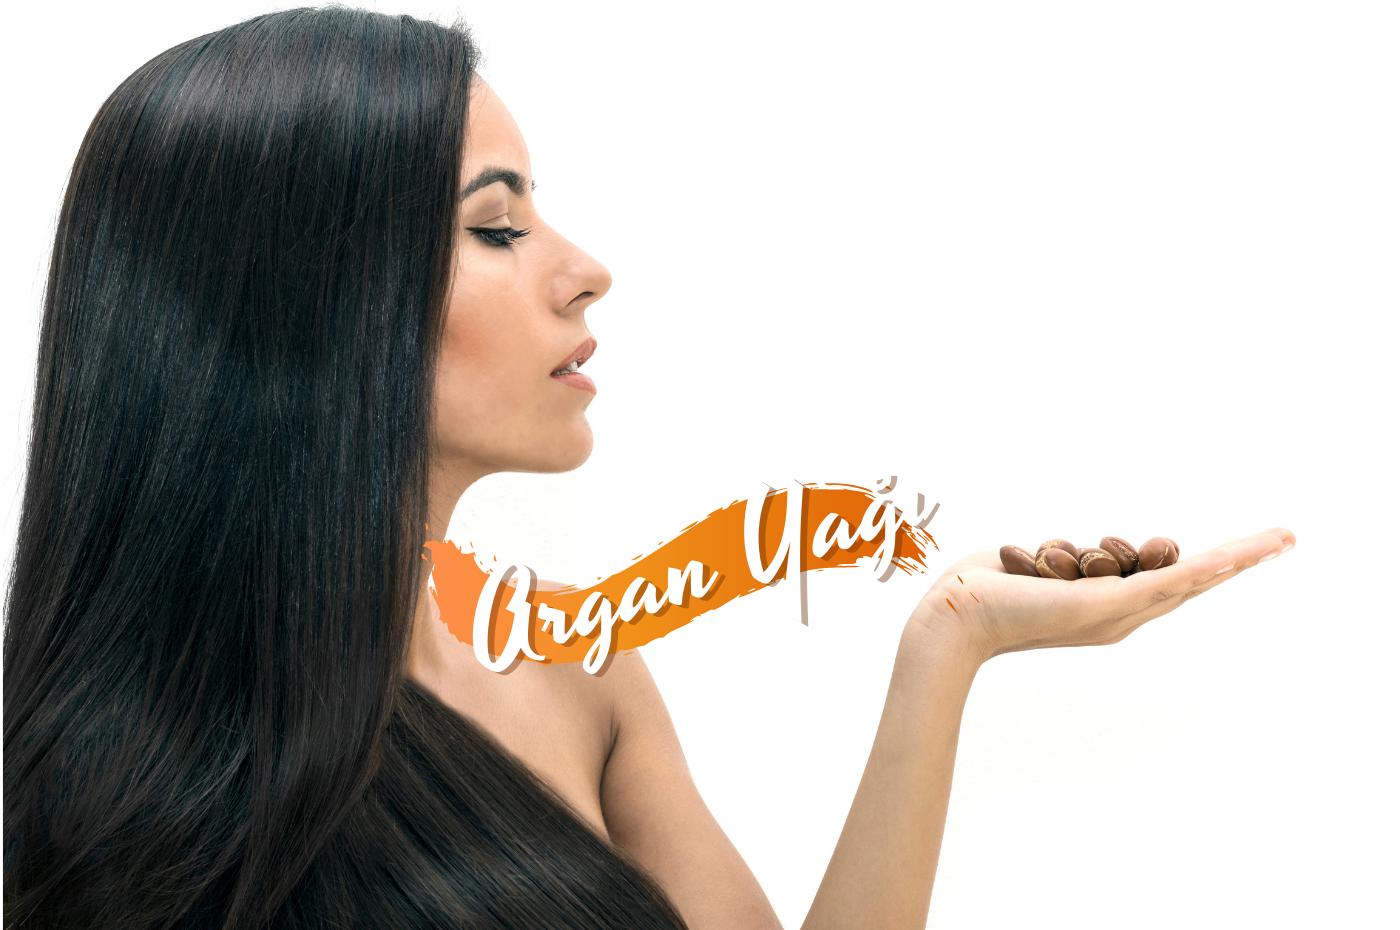 Argan yağı ne işe yarar? Argan yağının faydaları nelerdir? Argan yağının cilt ve saça faydaları, Argan Yağı yüze faydaları..